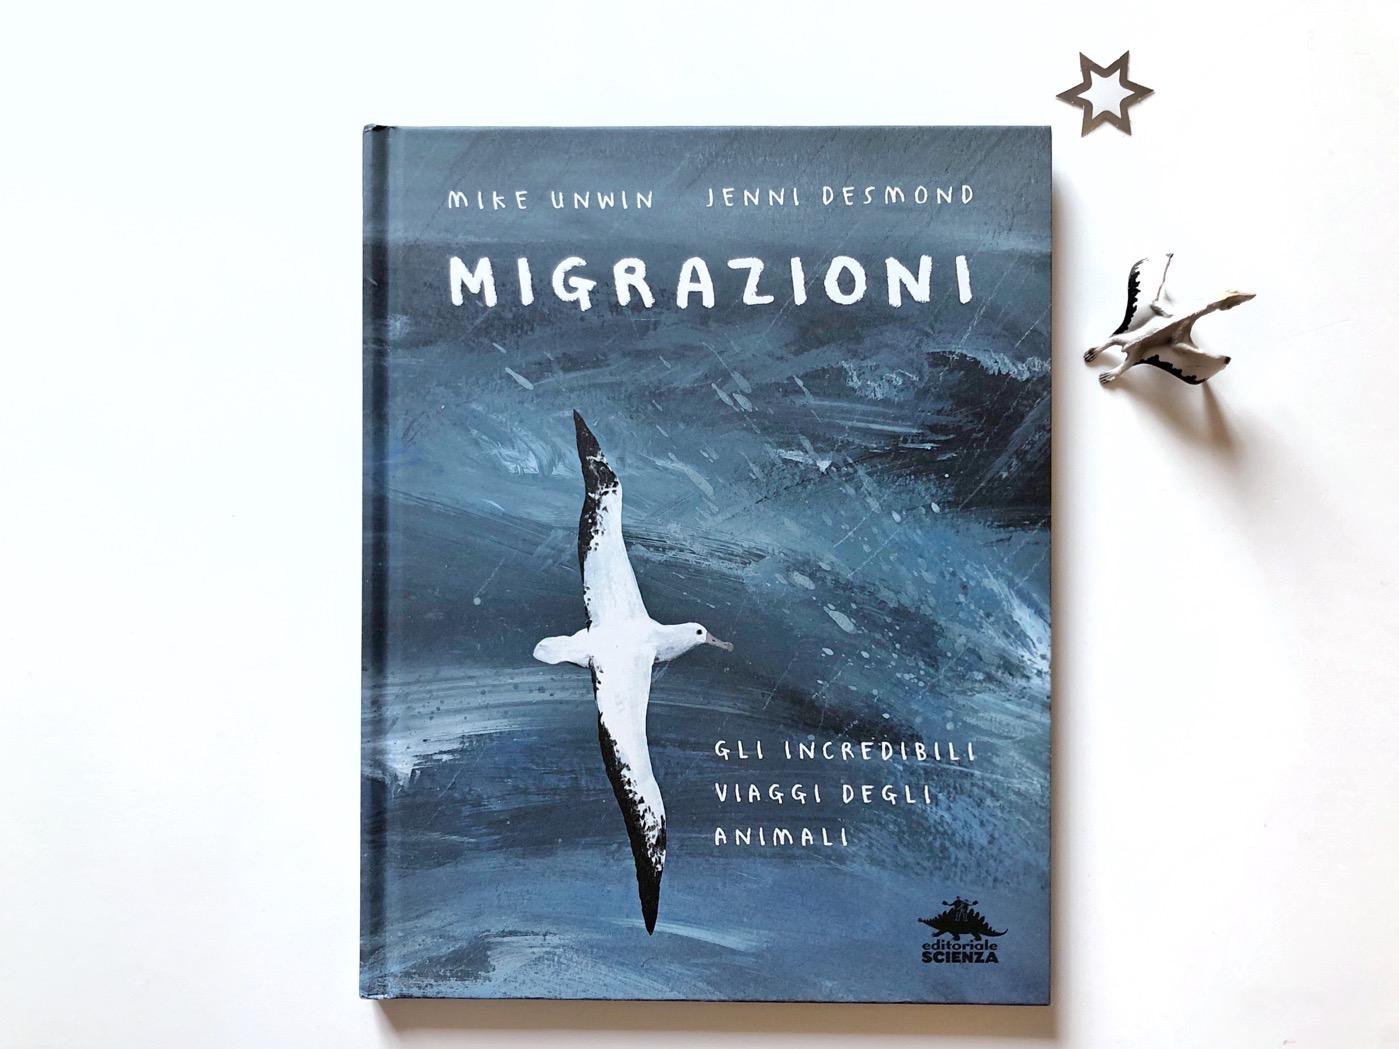 migrazioni-mike-unwin-jenni-desmond-editoriale-scienza_6